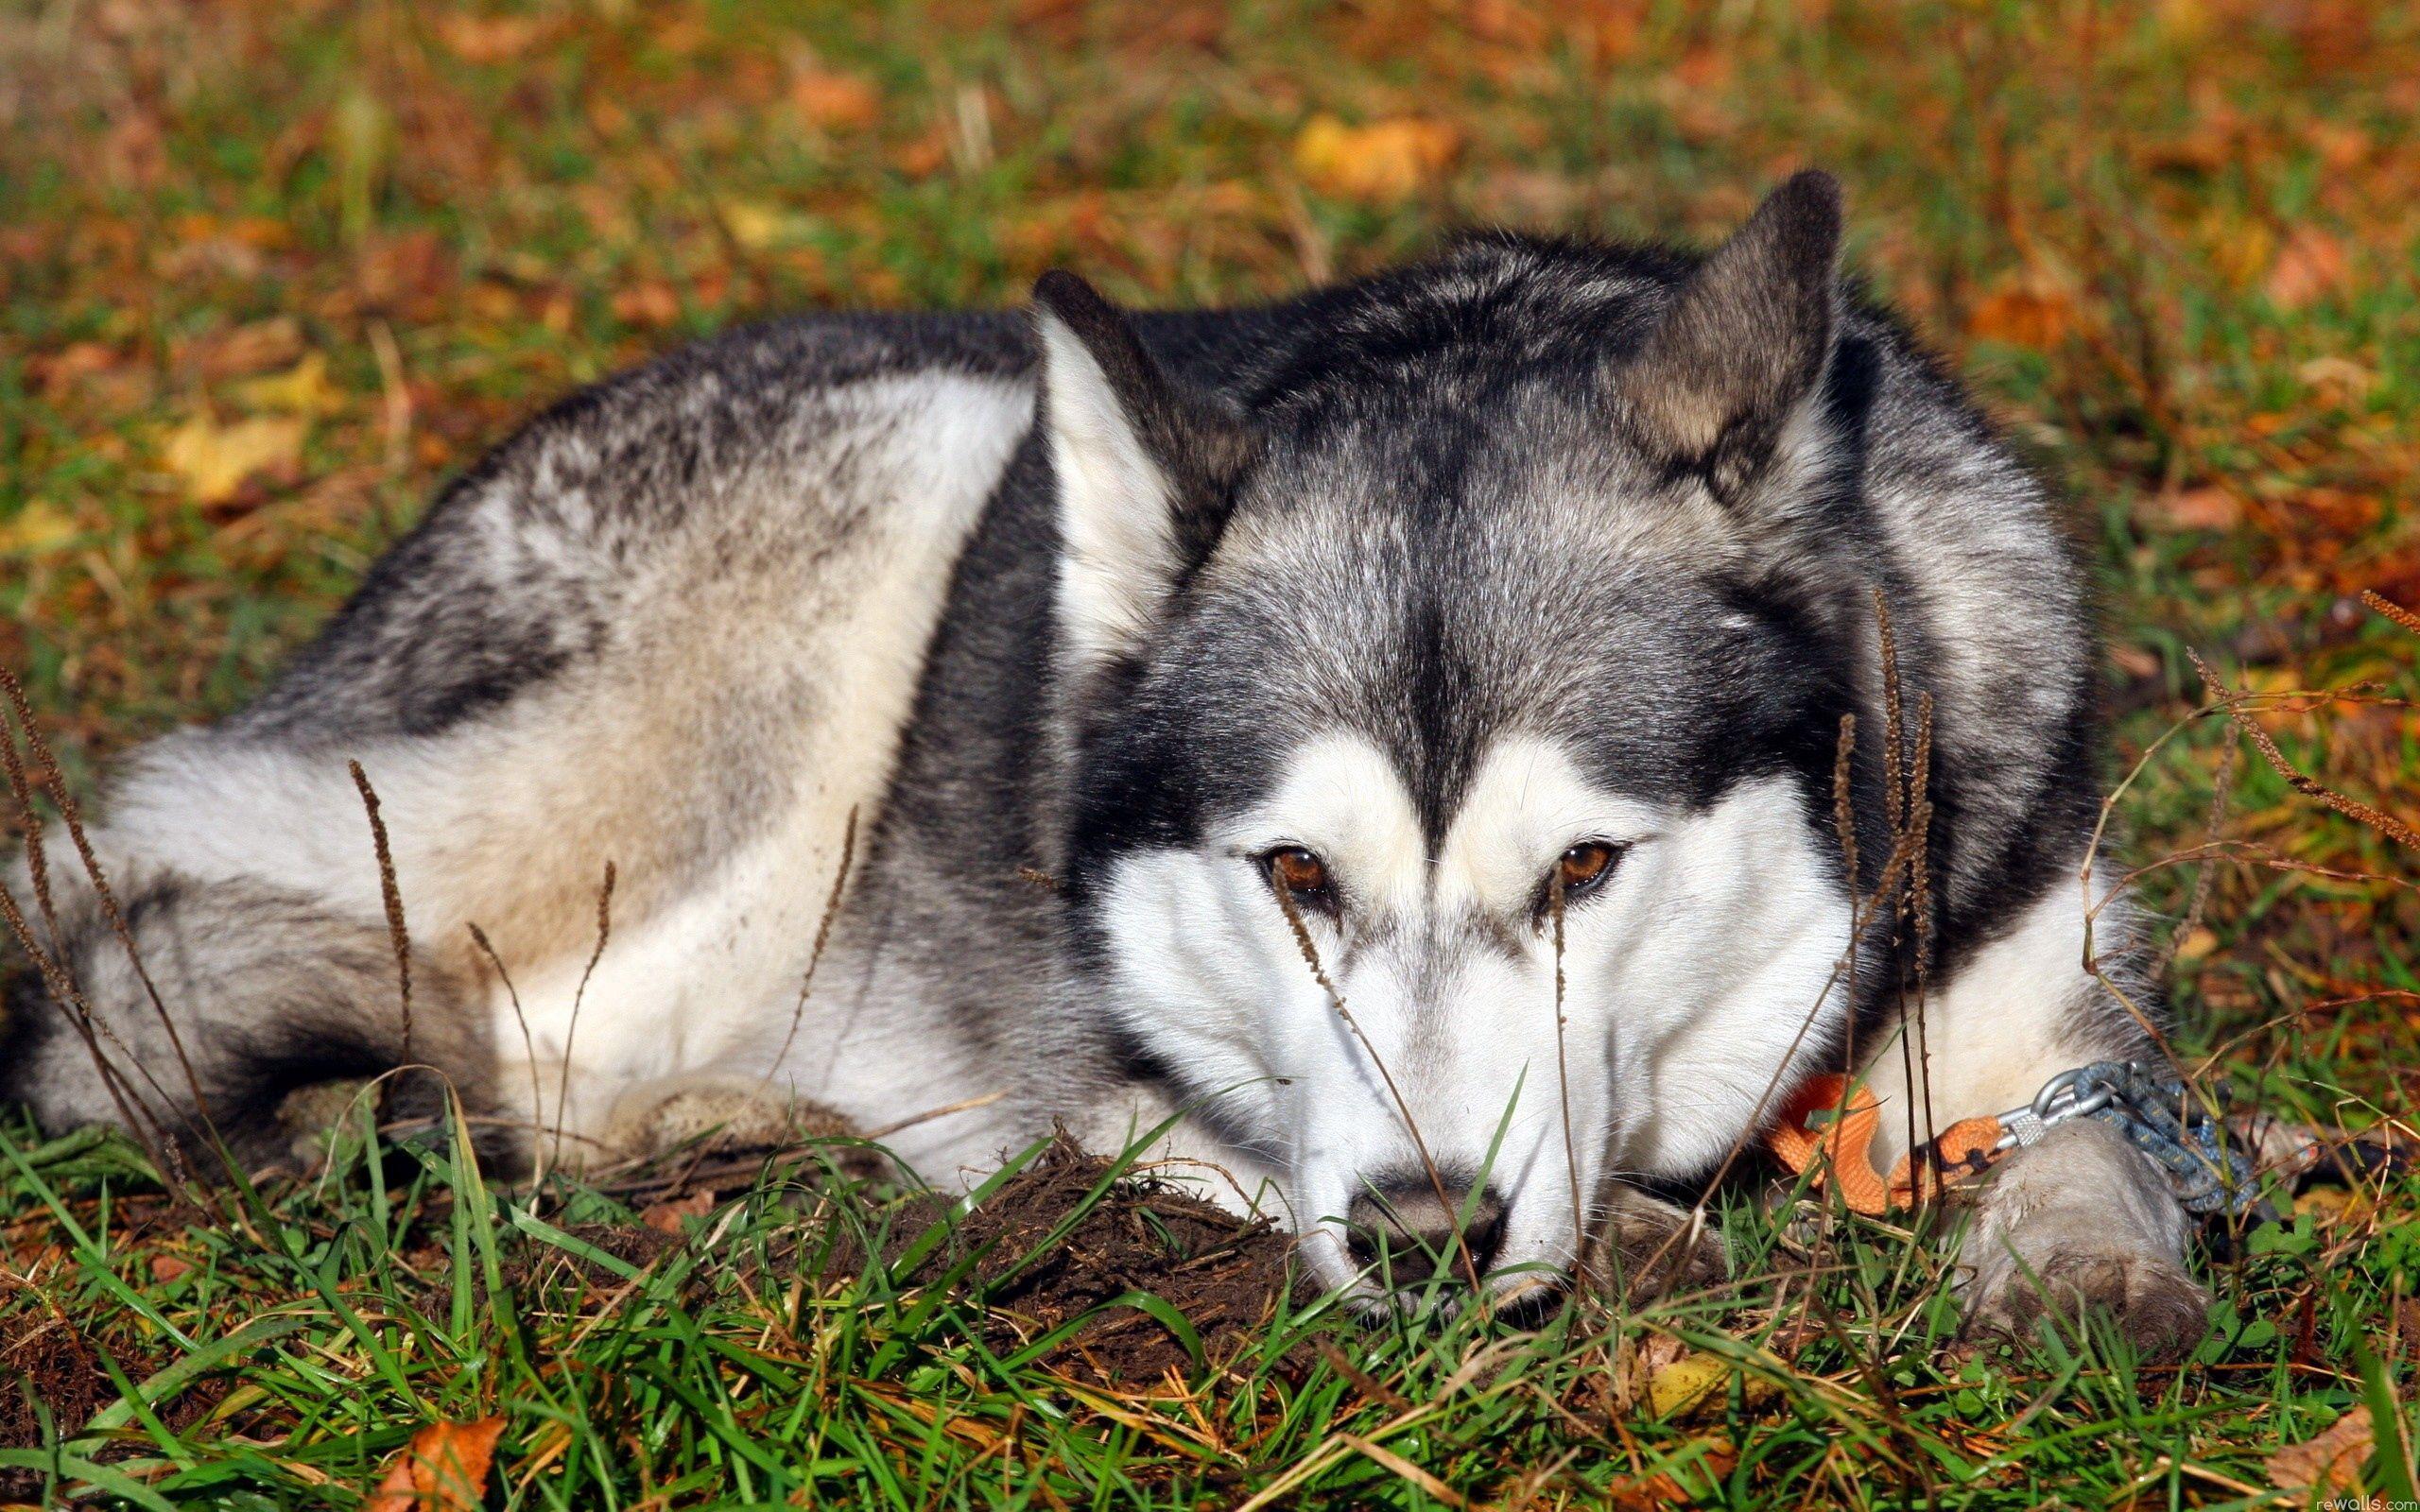 Handy-Wallpaper Tiere, Grass, Sich Hinlegen, Liegen, Hund, Traurigkeit, Heiser, Haska, Trauer, Erwartung, Warten kostenlos herunterladen.